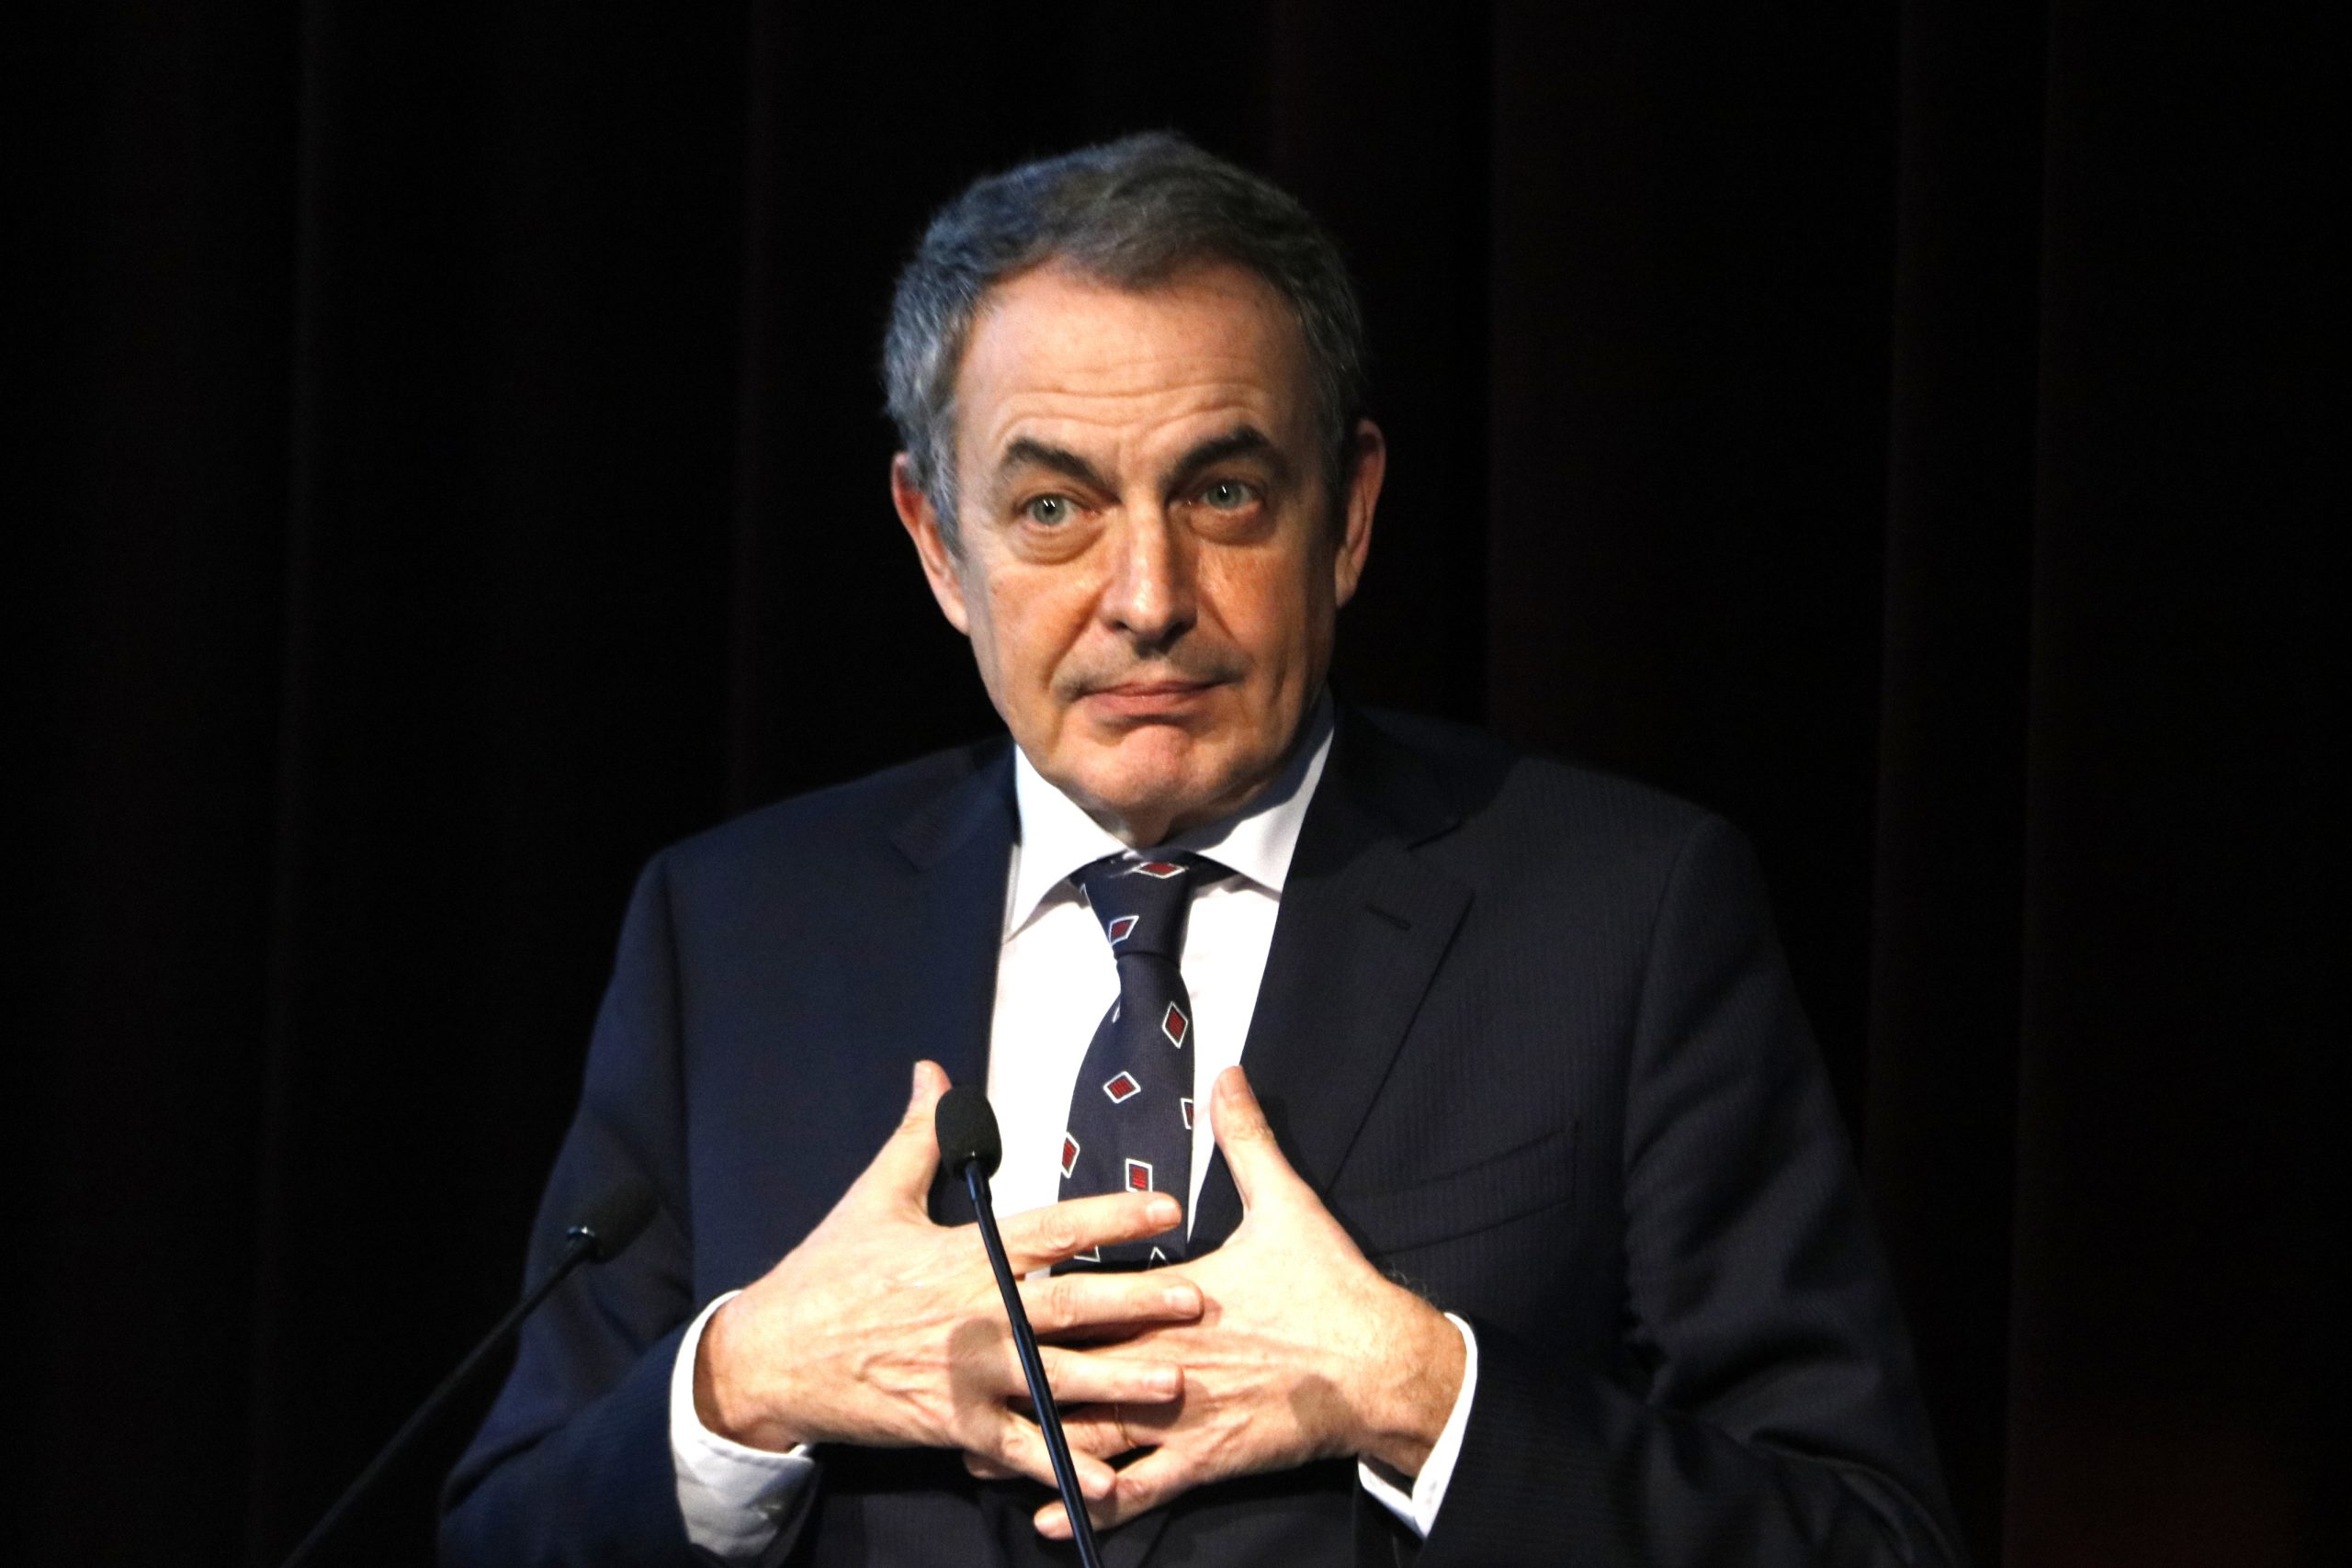 L'expresident del govern espanyol José Luis Rodríguez Zapatero, el 12 de febrer del 2020 a Barcelona | ACN